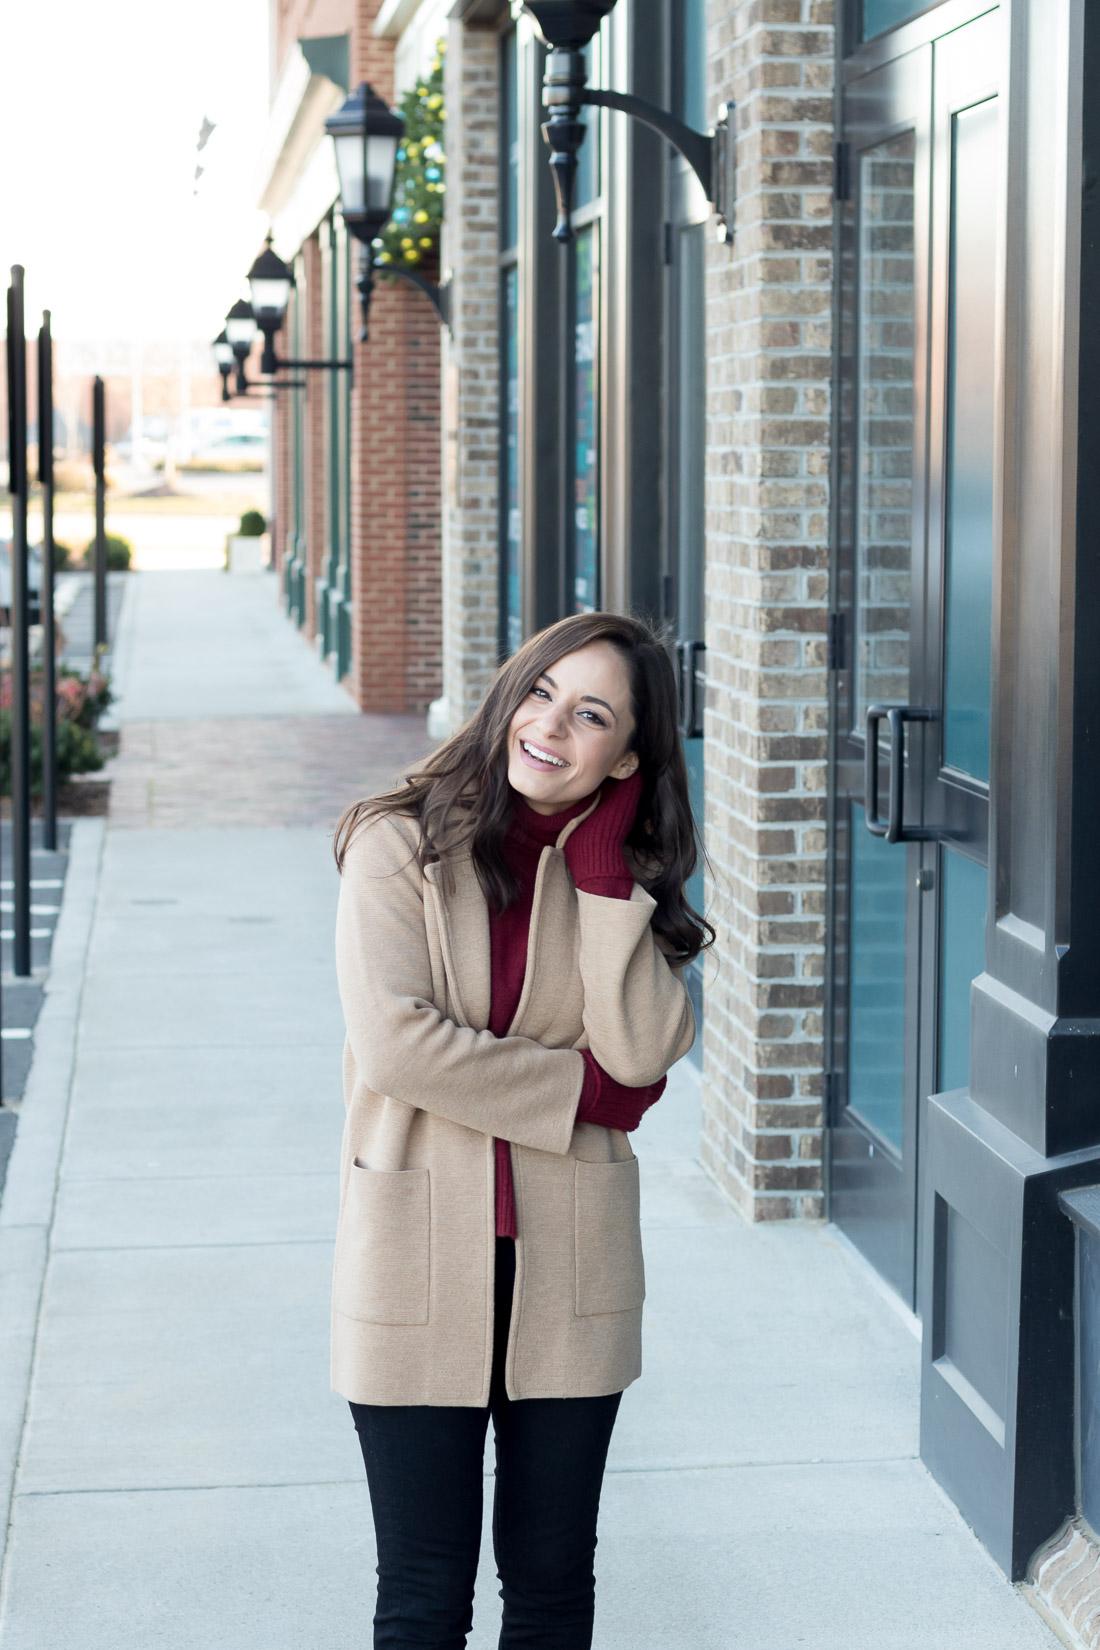 Winter Wardrobe favorites of Brooke of Pumps & Push Ups